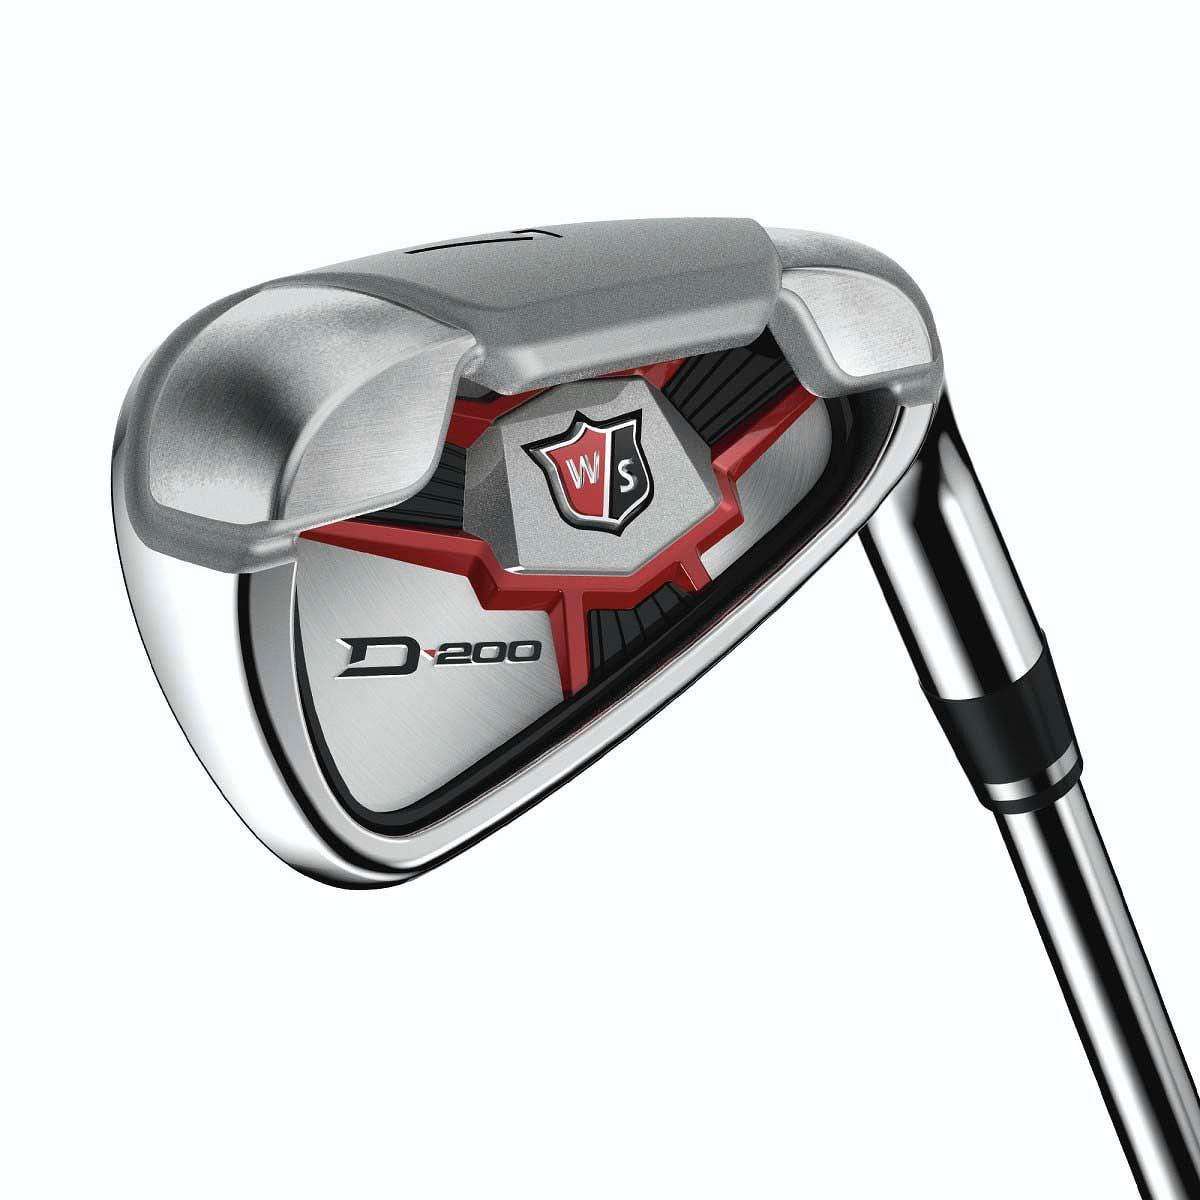 Wilson Staff D200 Irons Set 4-PW+GW (Steel, UNIFLEX) Golf Clubs NEW